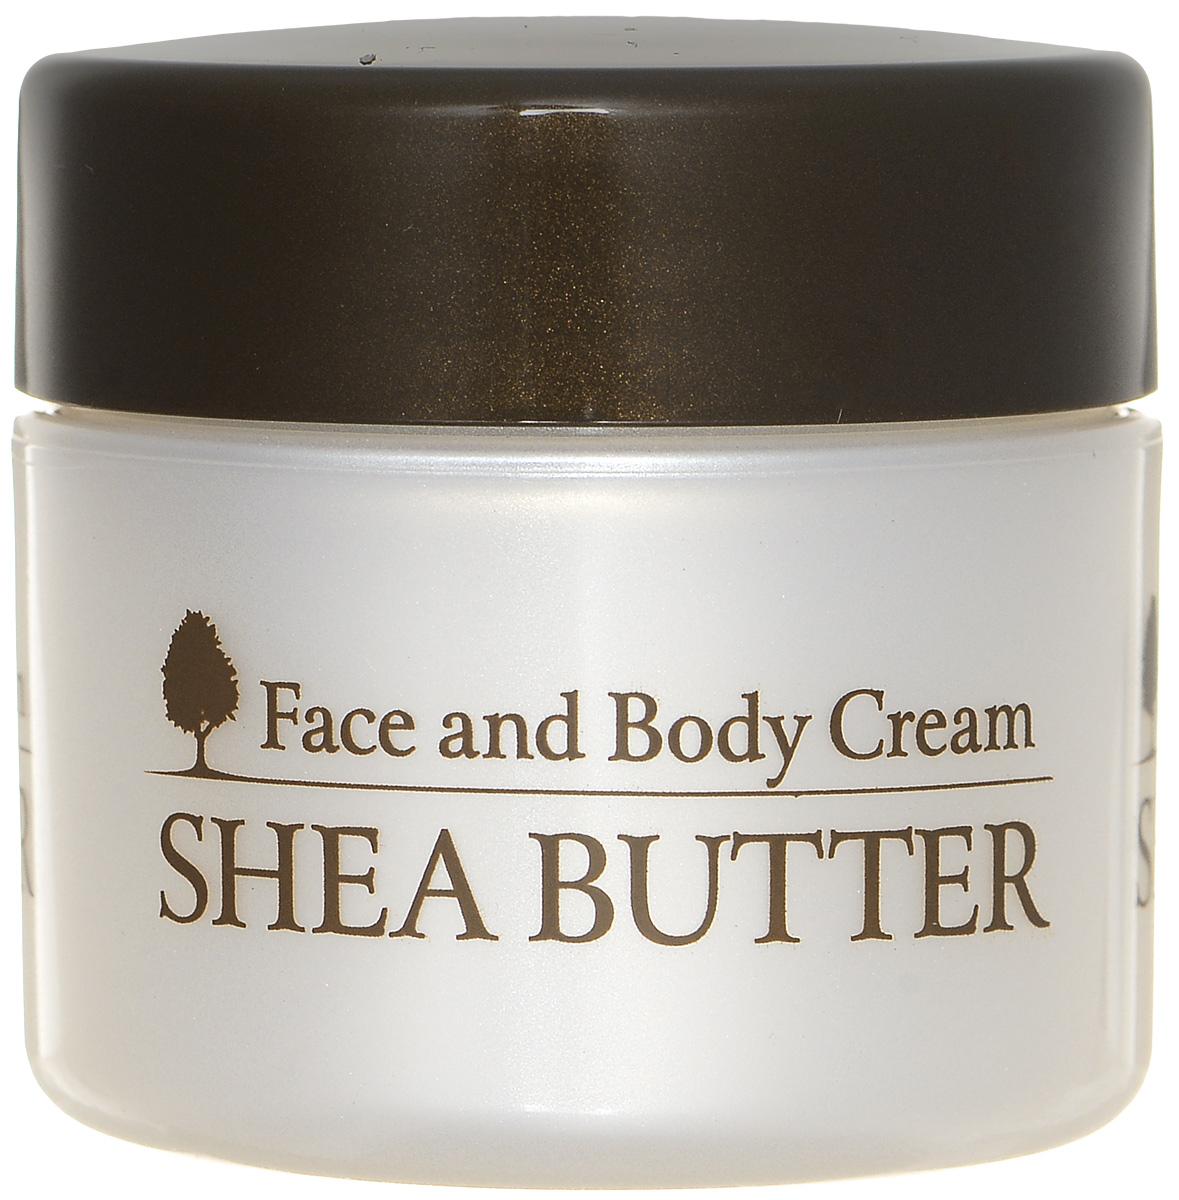 Meishoku Крем для очень сухой кожи лица с маслом дерева Ши, 30 г701105Крем, содержащий 100% масло Ши, рекомендуется для очень сухой, обезвоженной кожи, склонной к шелушению. Сохраняя влагу в течение долгого времени, защищает кожу от высыхания. Обладая густой текстурой, крем легко наносится, не оставляя ощущения липкости. Смягчает кожу, насыщает влагой, делает ее гладкой, нежной и мягкой.Масло Ши - превосходный защитный и смягчающий компонент. Предохраняет кожу от высыхания; замедляет старение кожи; обладает регенерирующими свойствами, активизируя синтез коллагена; защищает кожу от УФ-лучей; является источником витаминов А и Е.Рафинированные природные масла эвкалипта, лимона и апельсина придают крему естественный растительный аромат.Крем имеет низкую кислотность. Не содержит ароматизаторов, синтетических красителей, спирта.